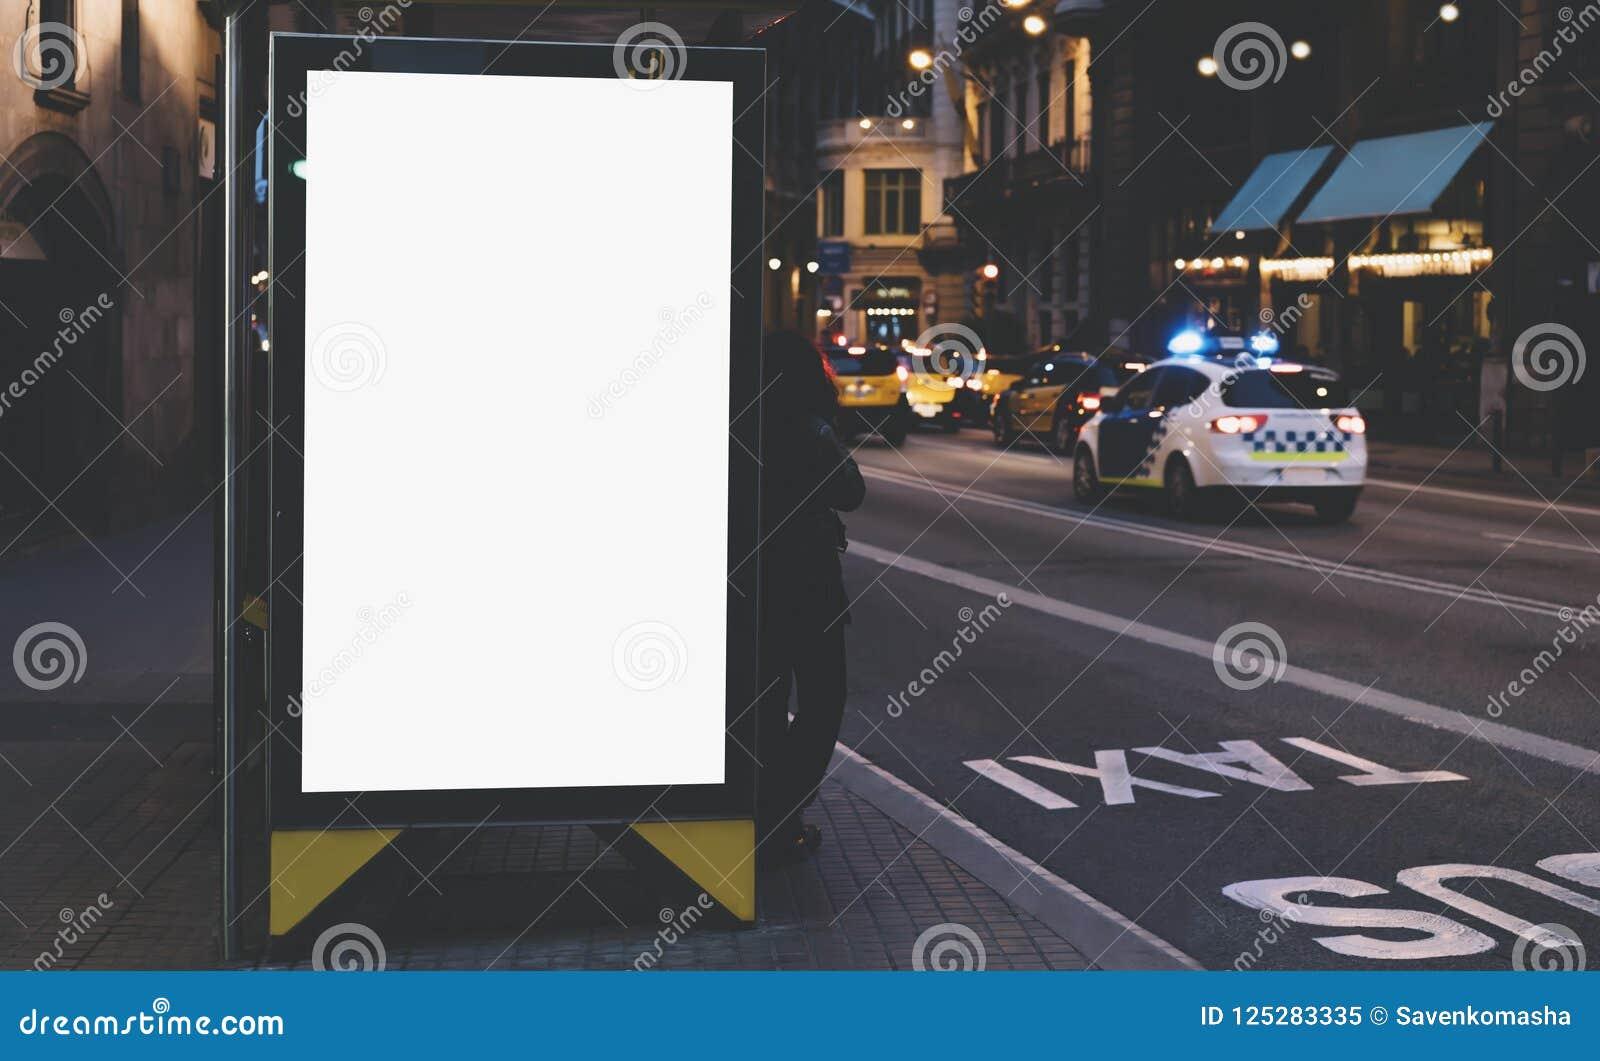 Pusty reklamowy lekki pudełko na autobusowej przerwie, mockup pusty reklama billboard na noc przystanku autobusowym, szablonu szt